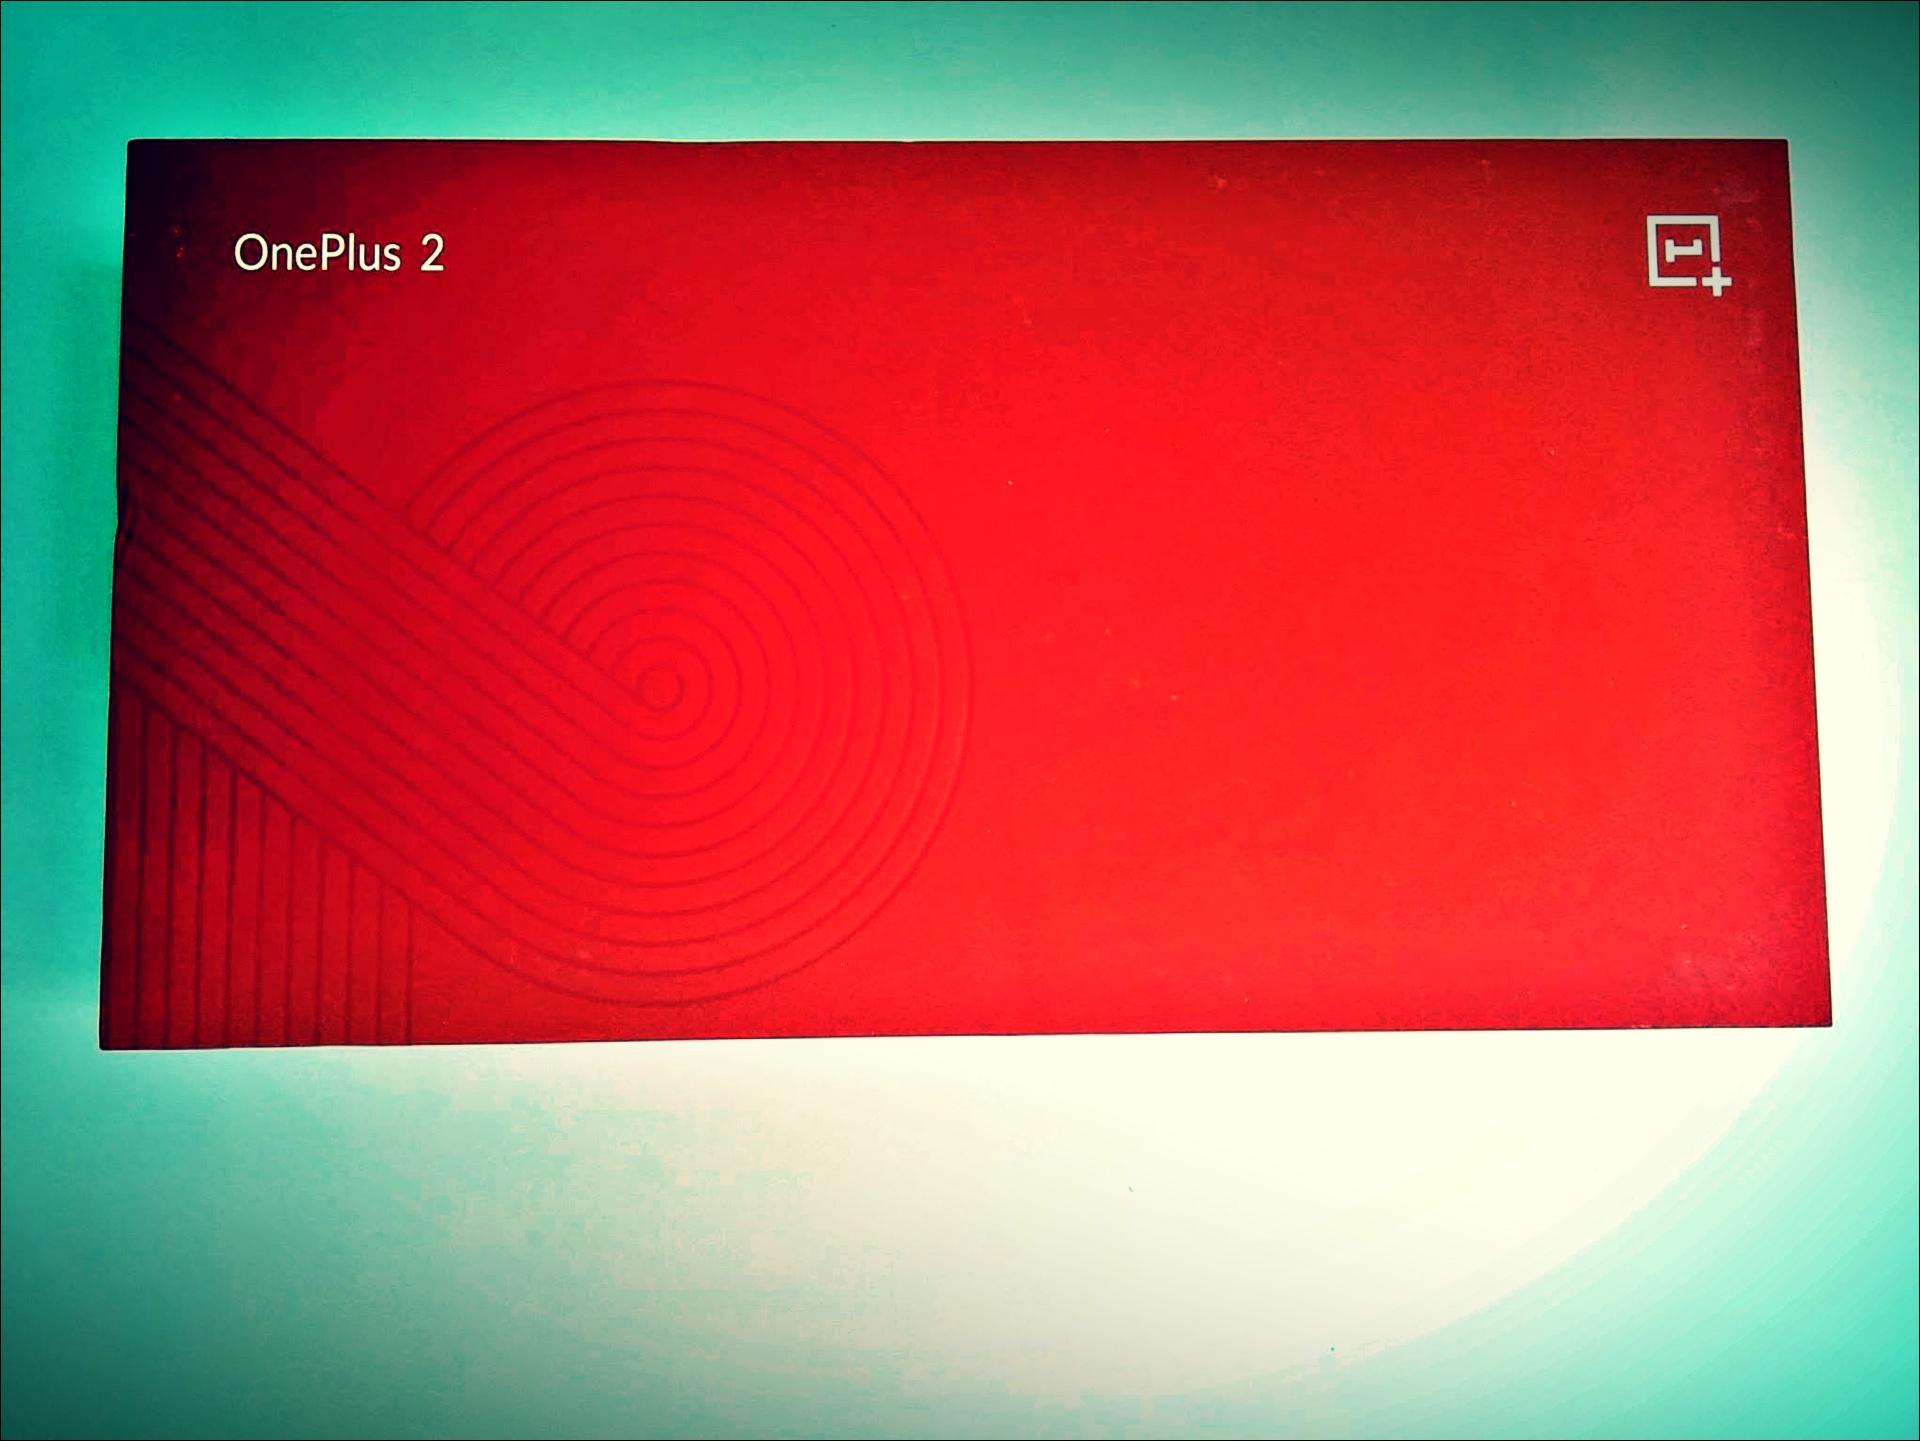 빨간 상자-'원플러스2 (Oneplus 2)'